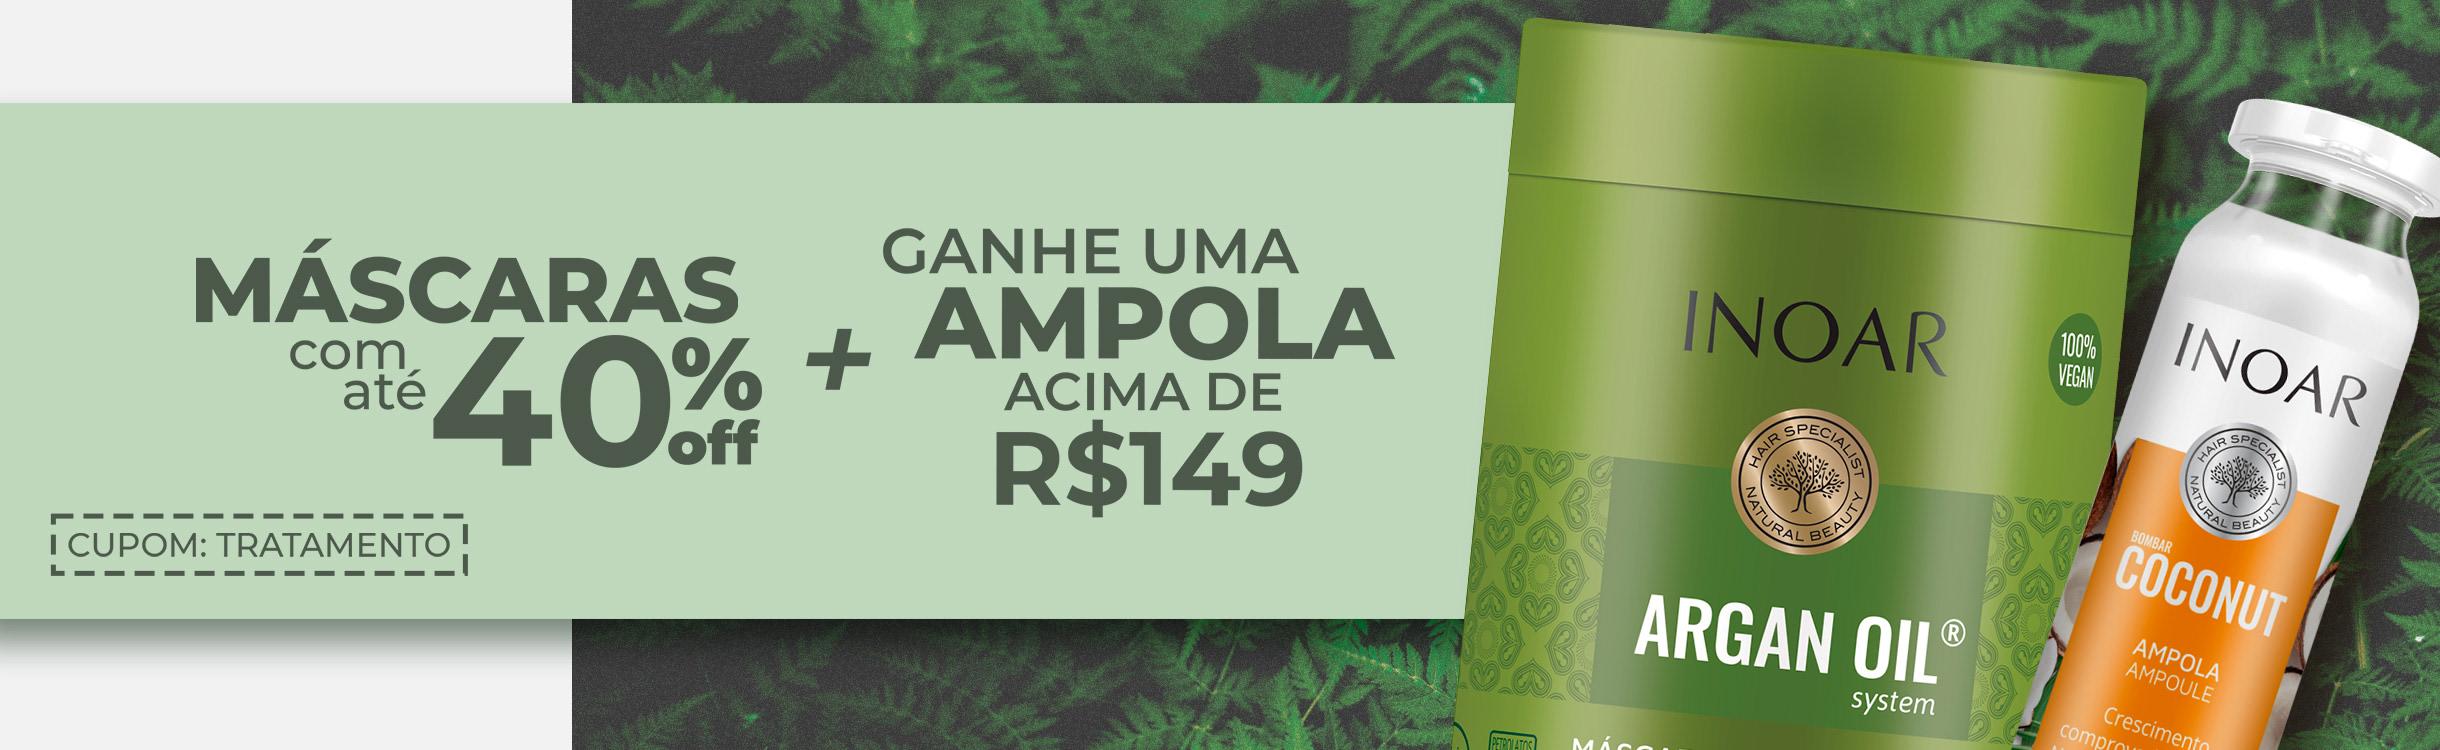 Máscaras com até 40%OFF + Ganhe ampola acima de R$149